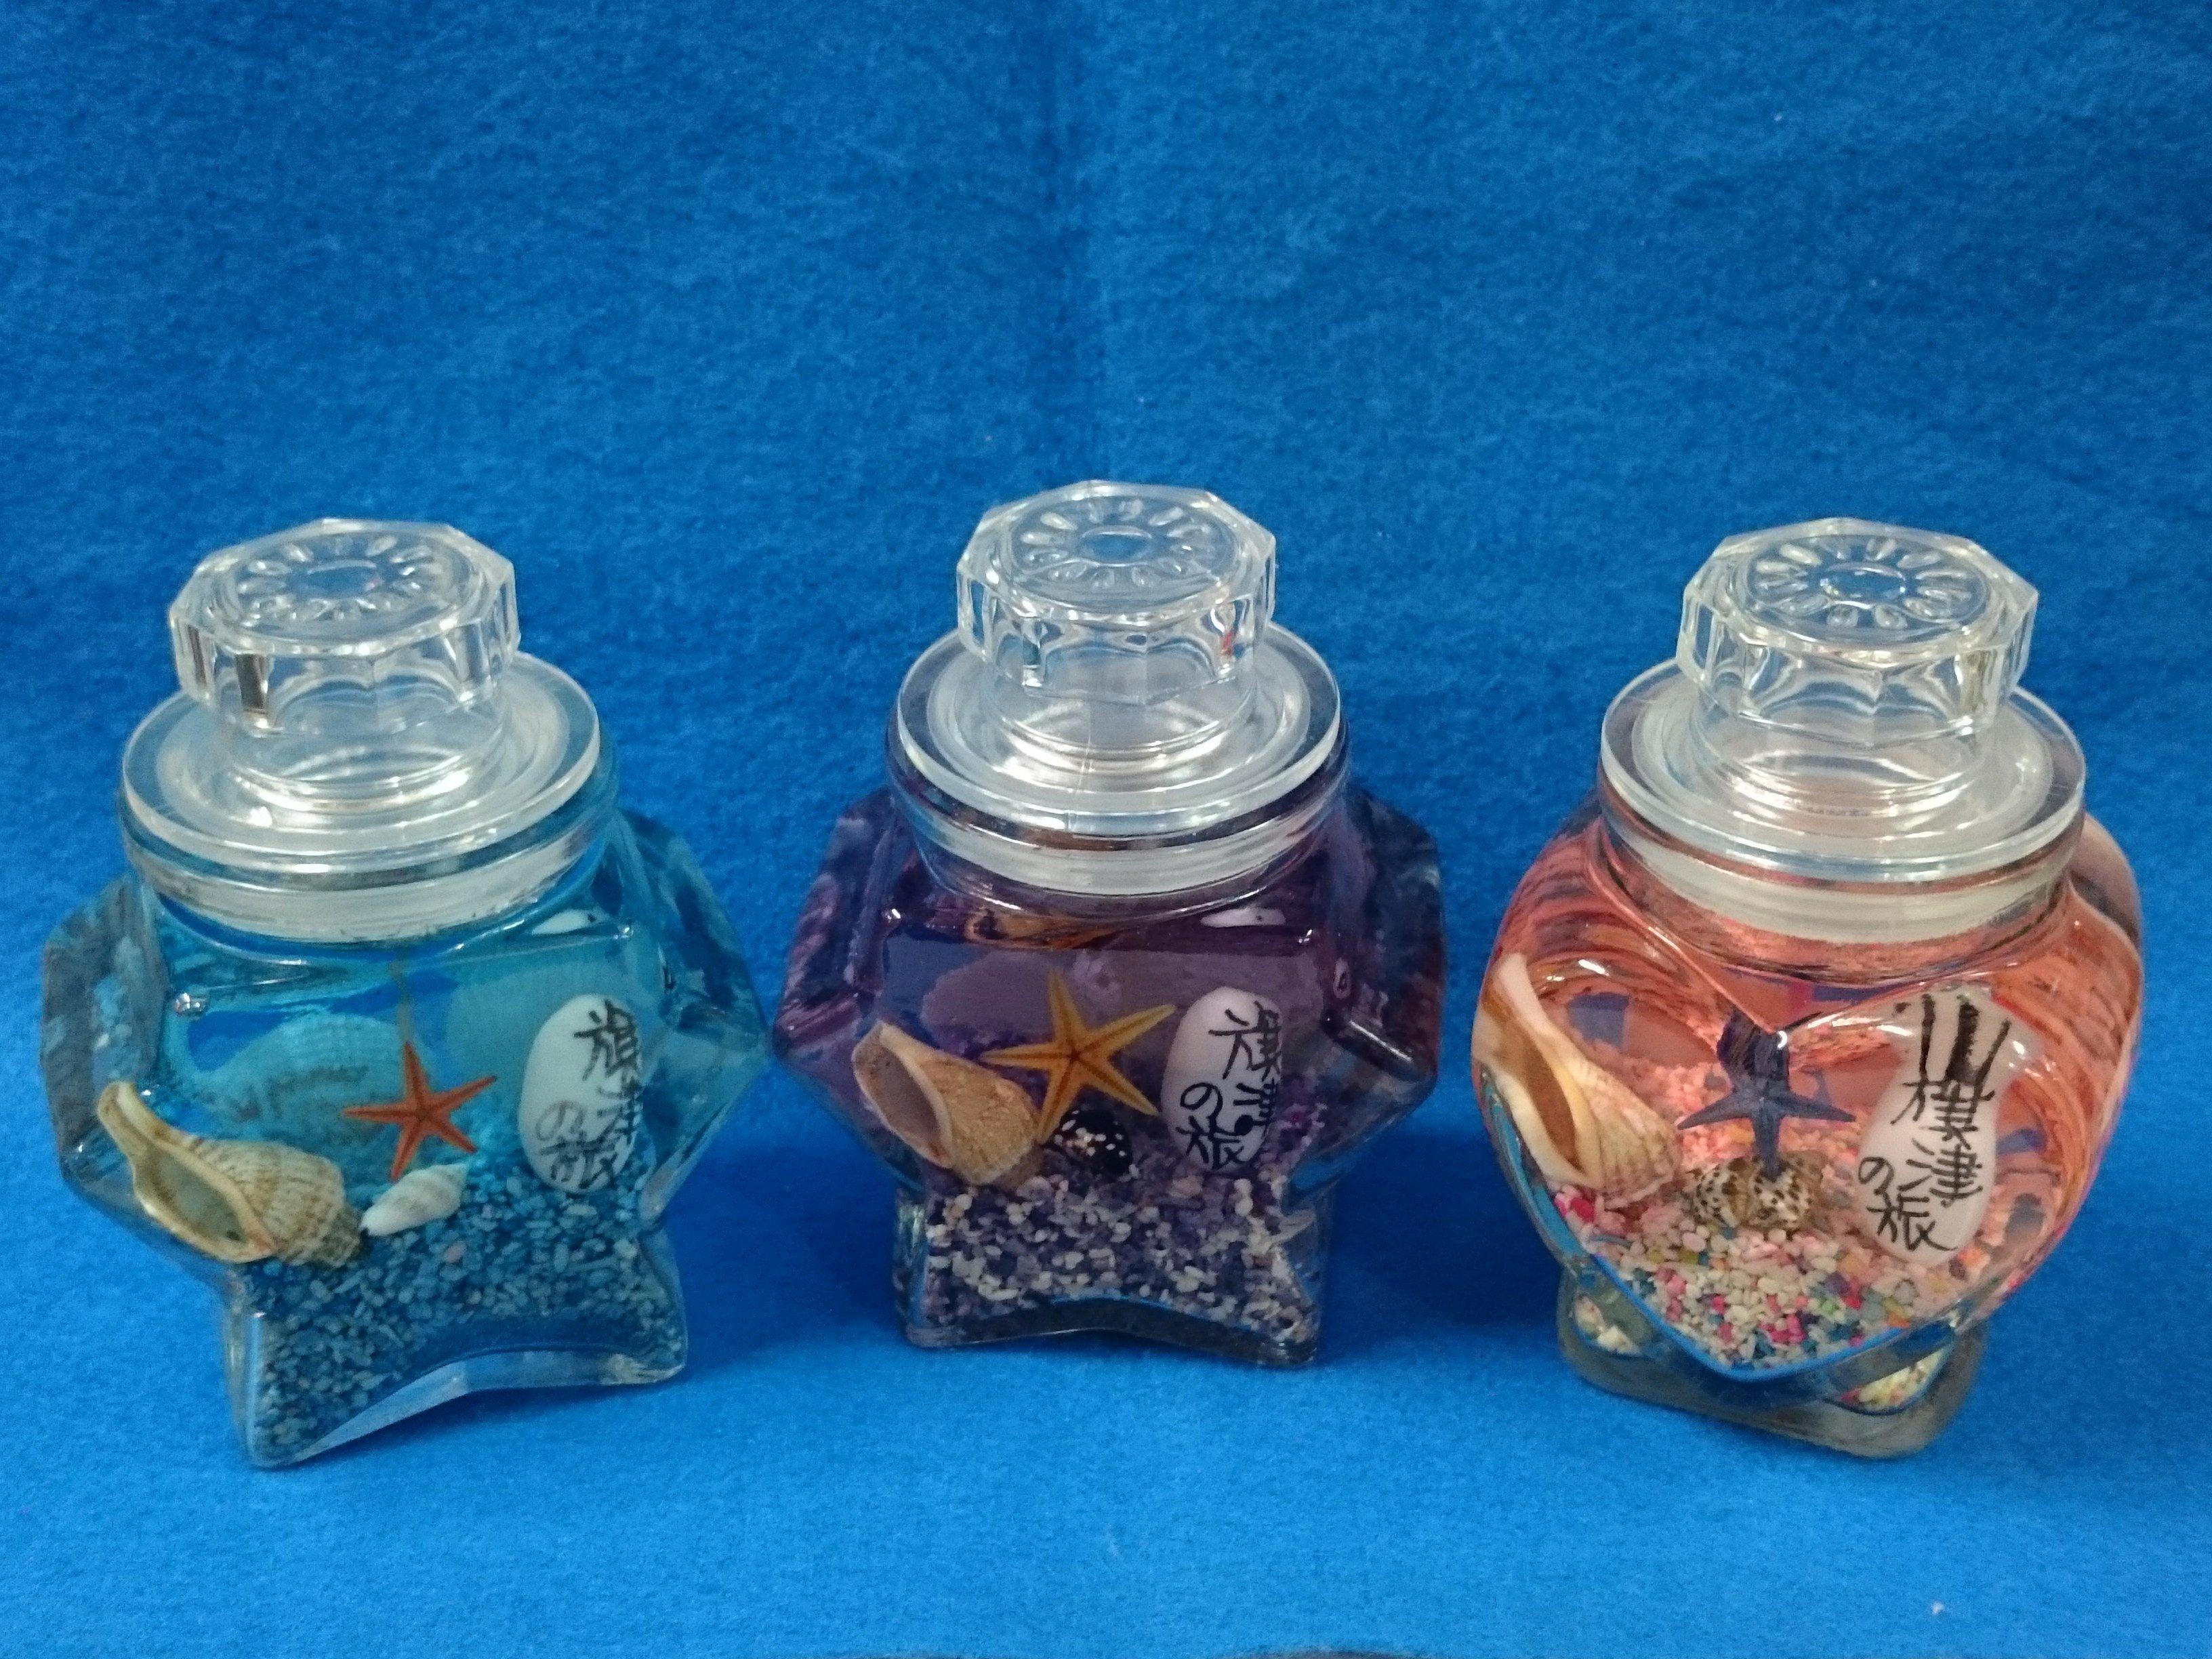 【鑫寶貝】貝殼DIY 小愛心 DIY 果凍臘套件組 (06.綠)(含紙盒、果凍蠟、砂、貝殼、燭芯) 不同顏色有不同味道